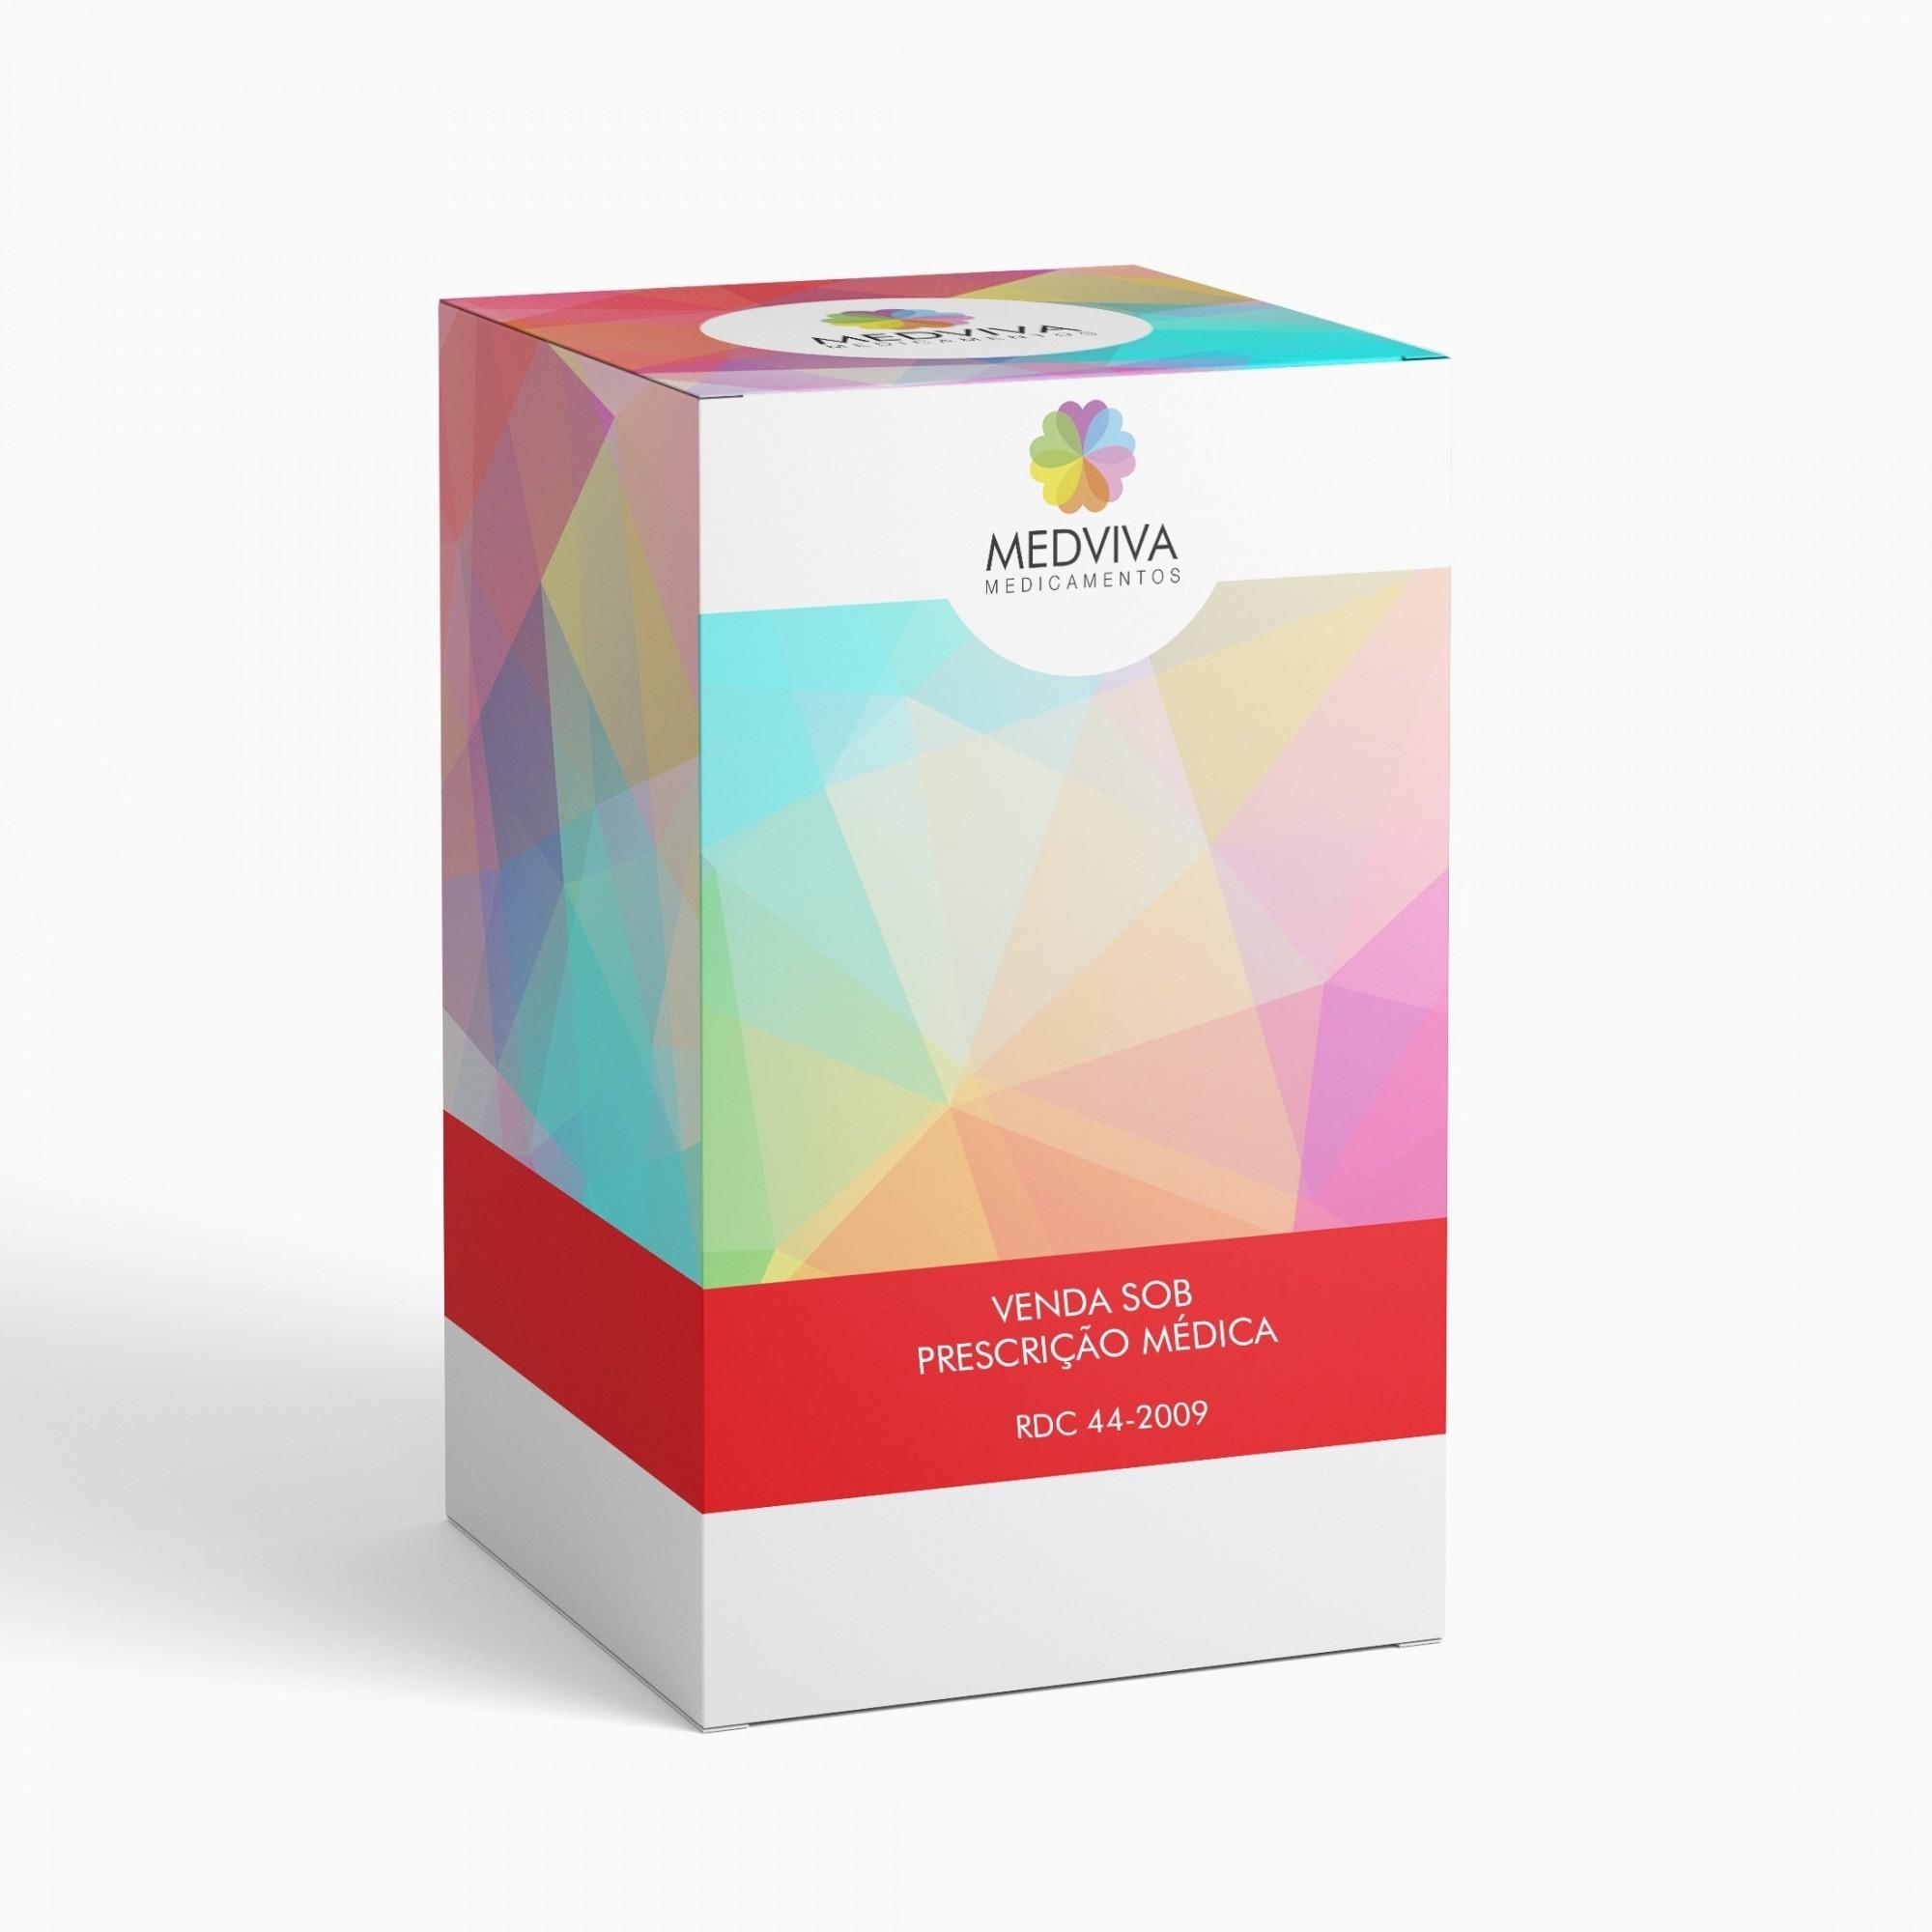 Primera 30 63 Comprimidos (11/2021)